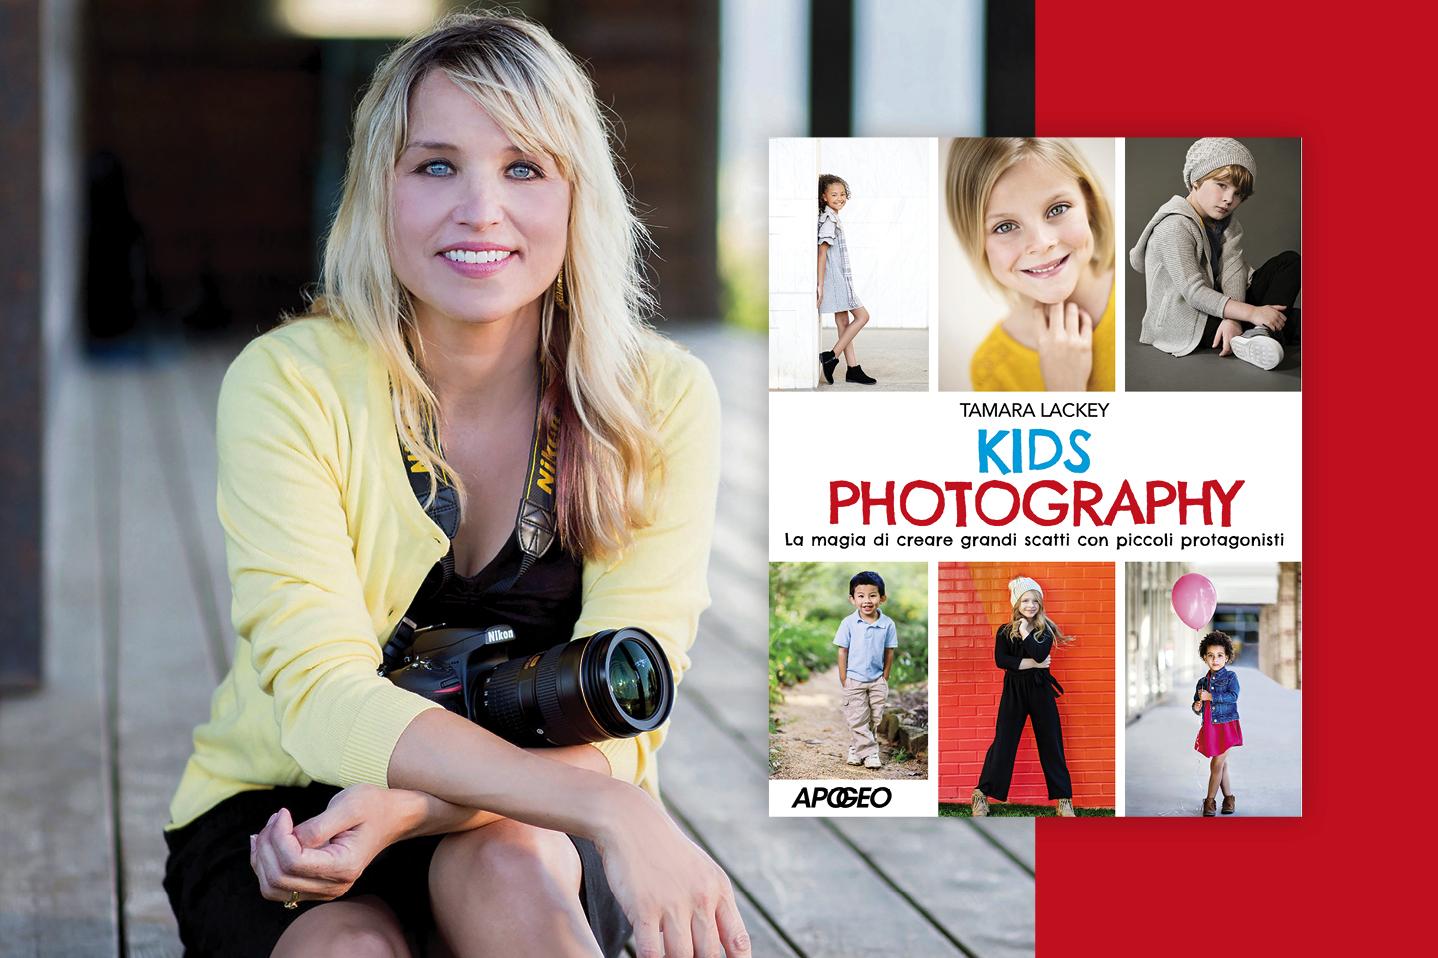 KidsPhotography-TamaraLackey